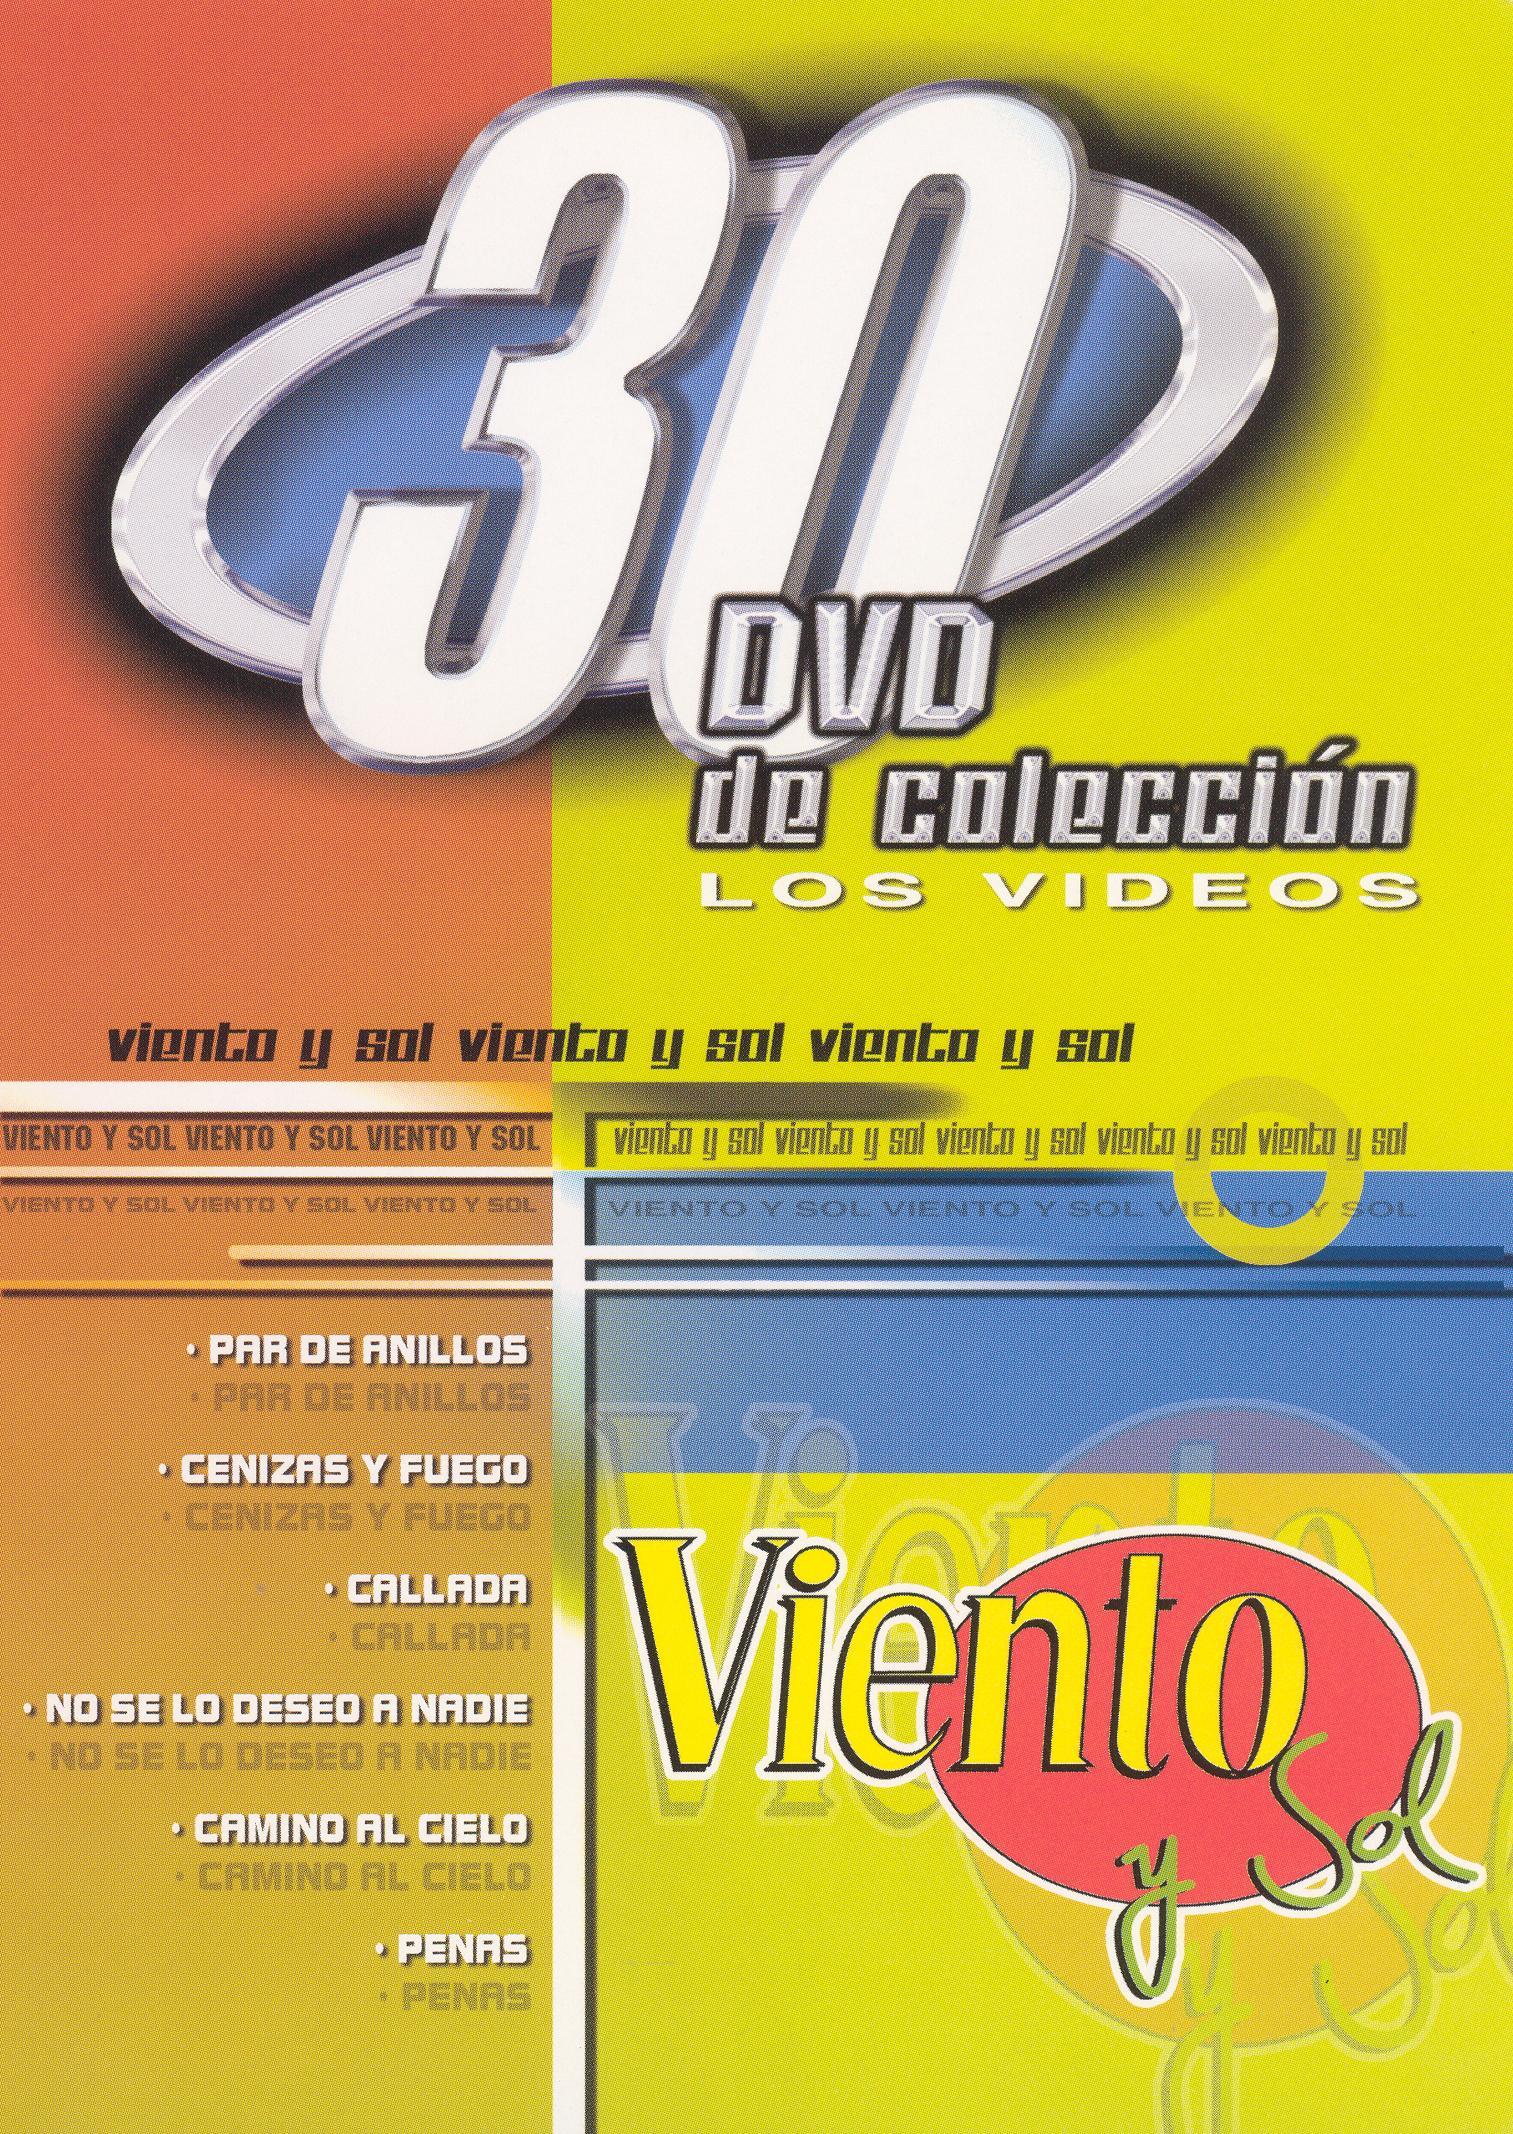 Viento y Sid: 30 DVD De Coleccion